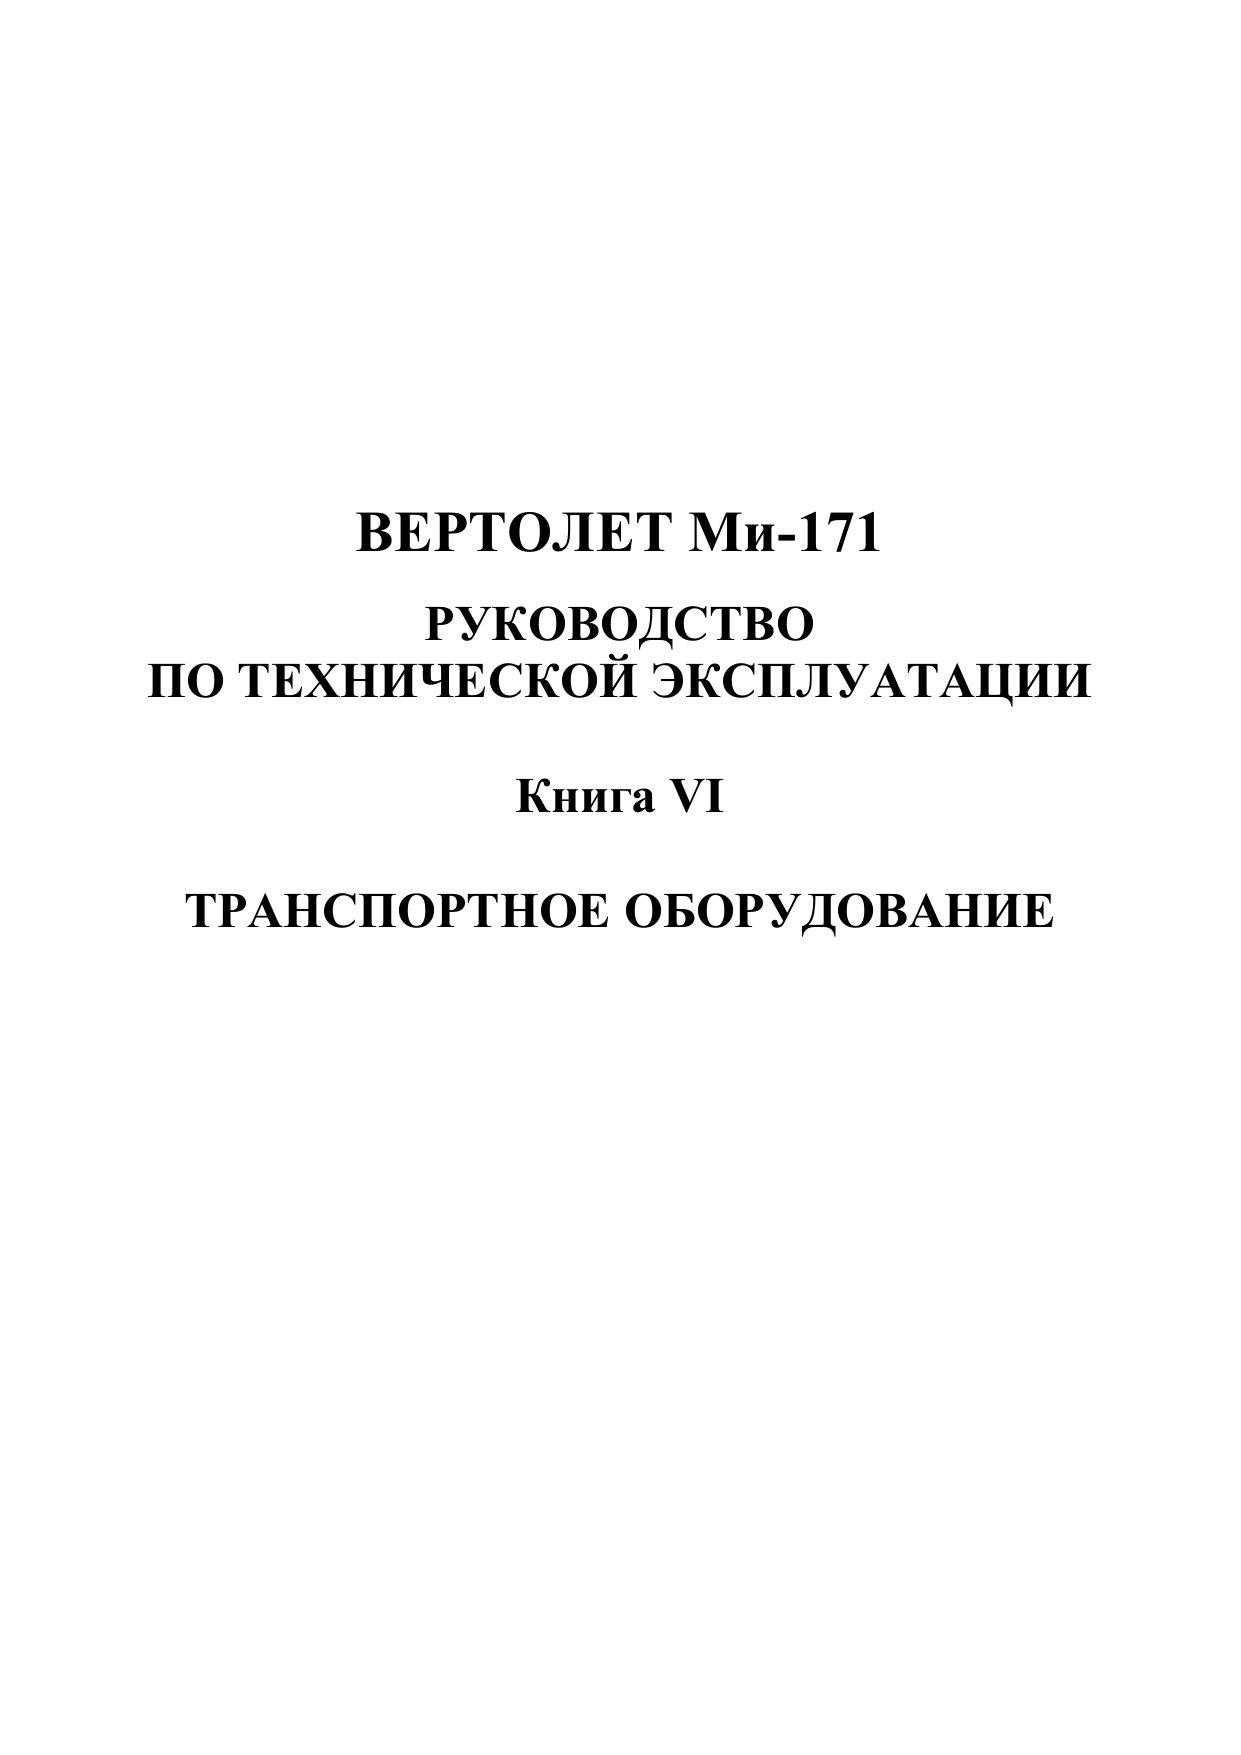 Ми-171. Транспортное оборудование (Книга 6)